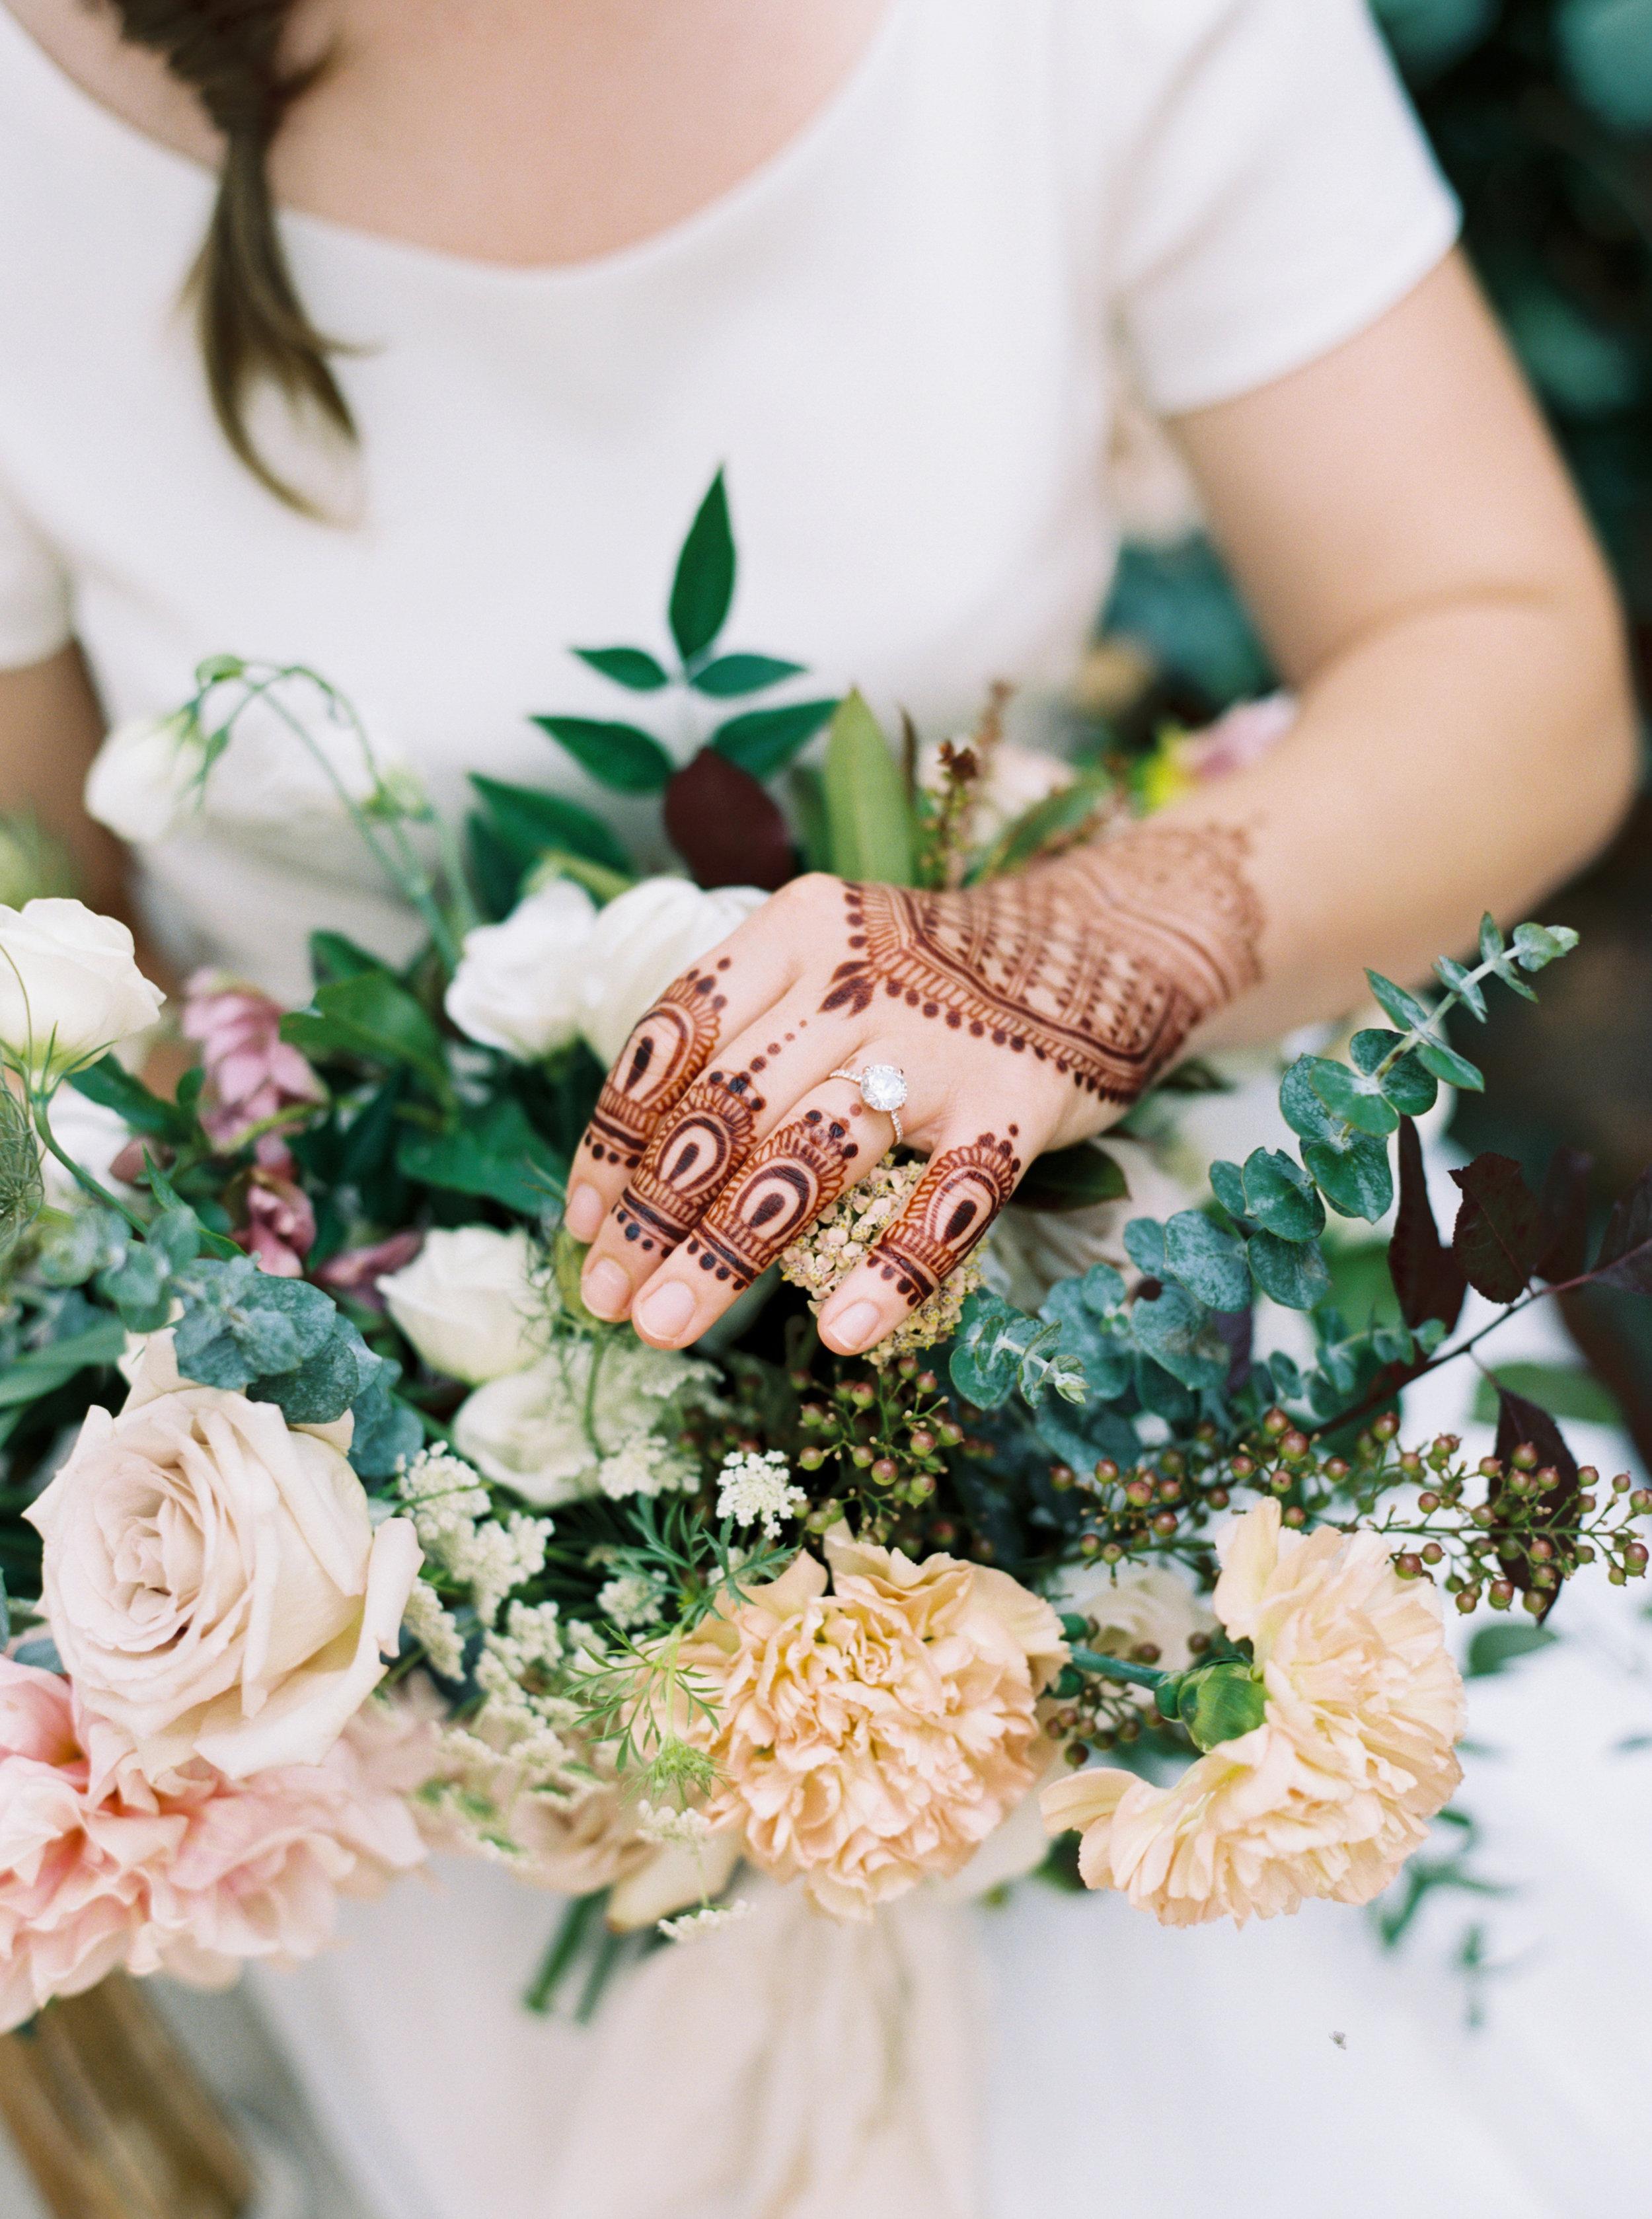 Wahoo_Grill_Atlanta_Indian_Wedding_Abigail_Malone_Photgoraphy_FIlm-29.jpg